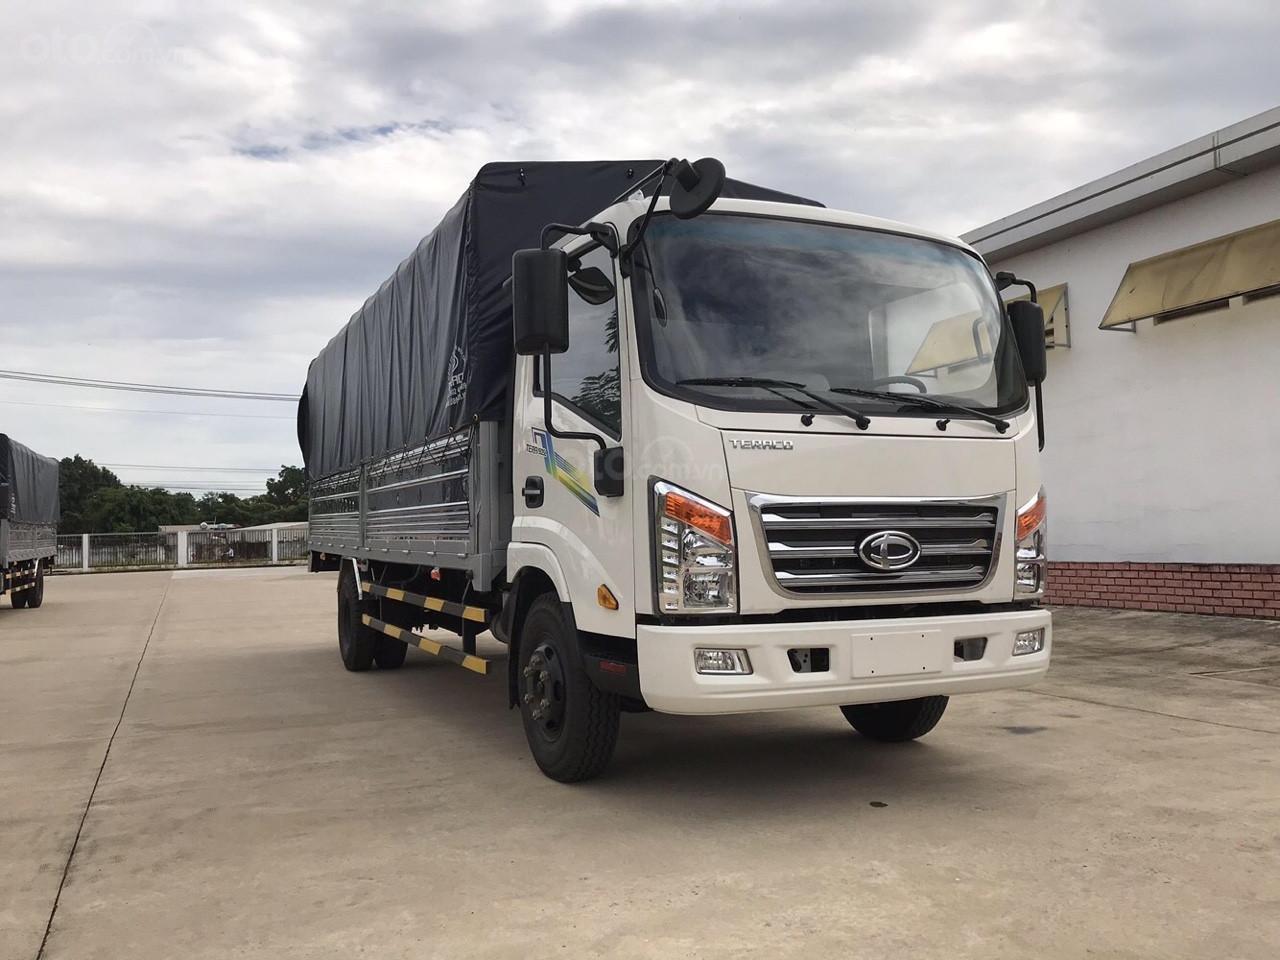 Bán xe tải 3.5 tấn Tera 345SL thùng kín, thùng lửng, thùng bạt với chiều dài thùng lên đến 6.1 mét tại Hải Phòng và Quảng Ninh (1)